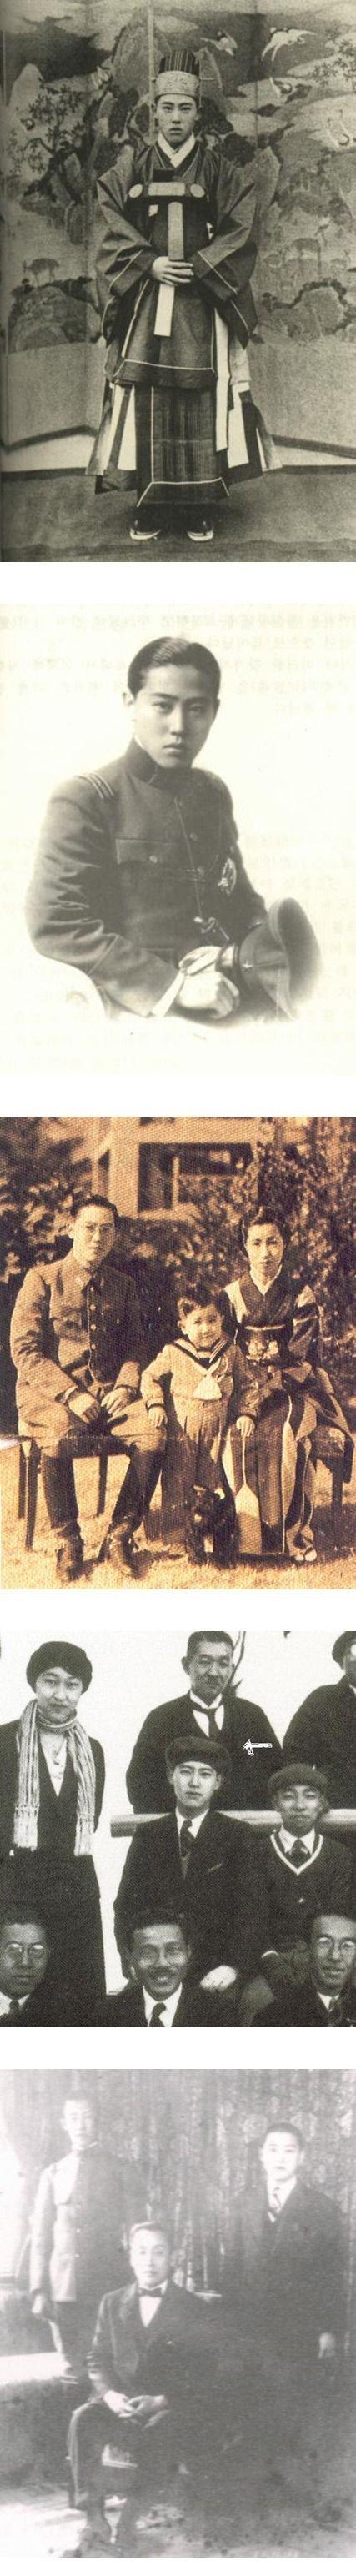 흥영군 이우  Colonel Yi Wu (15 November 1912 – 7 August 1945), was the 4th head of Unhyeon Palace, a member of the imperial family of Korea, and a Lieutenant Colonel in the Imperial Japanese Army during the Second World War.  He died in the atomic blast at Hiroshima on August 6, 1945 where he was serving as a Lieutenant Colonel in the Imperial Japanese Army.  He was buried  in Heungwon, Korea on 15 August 1945, the day WWII  ended.